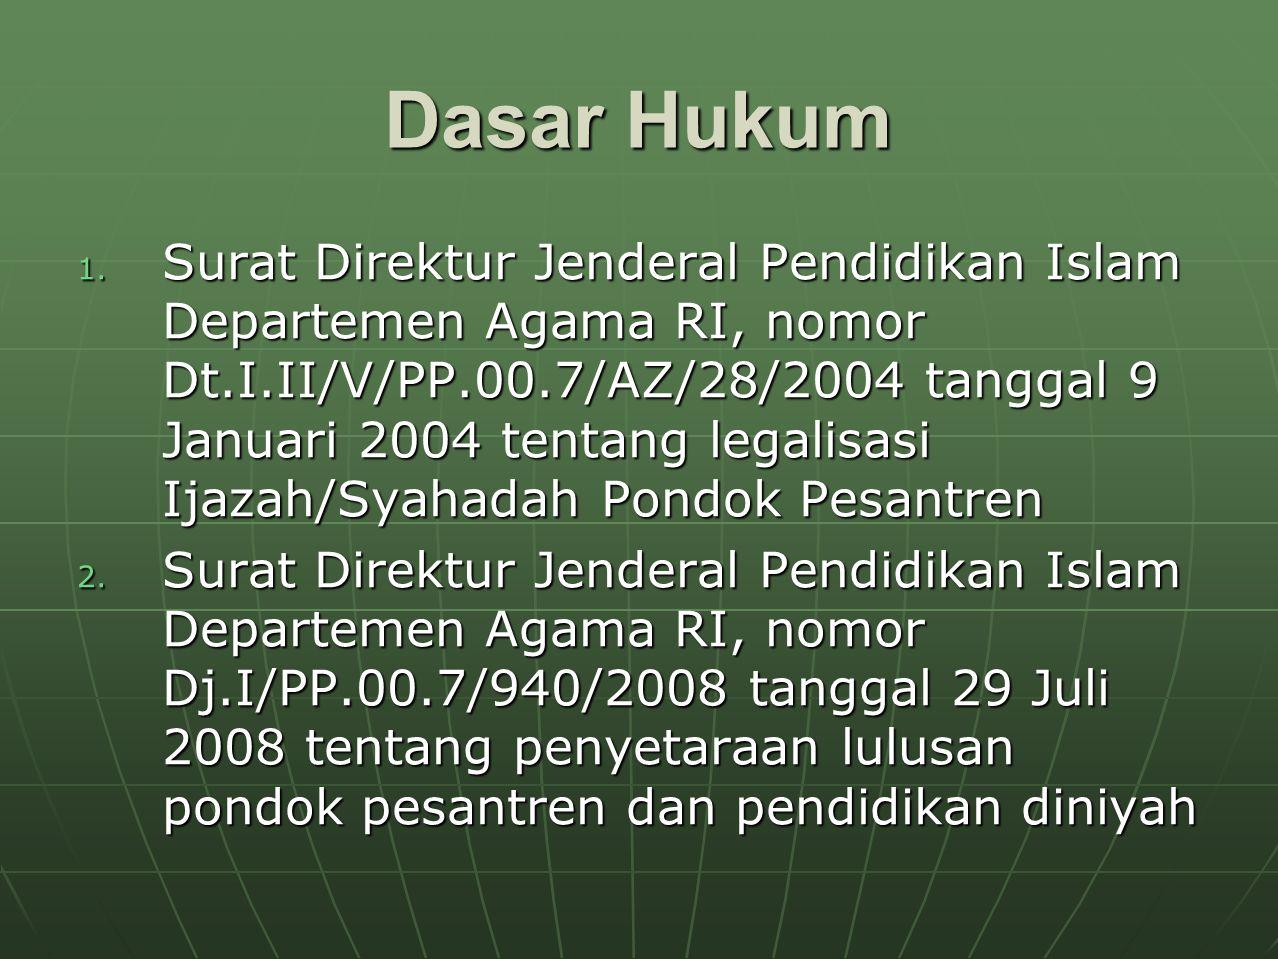 Ijazah yang dilegalisisasi 1.Ijazah Pesantren Murni, tingkat Ibtidaiyah, tsanawiyah dan aliyah 2.